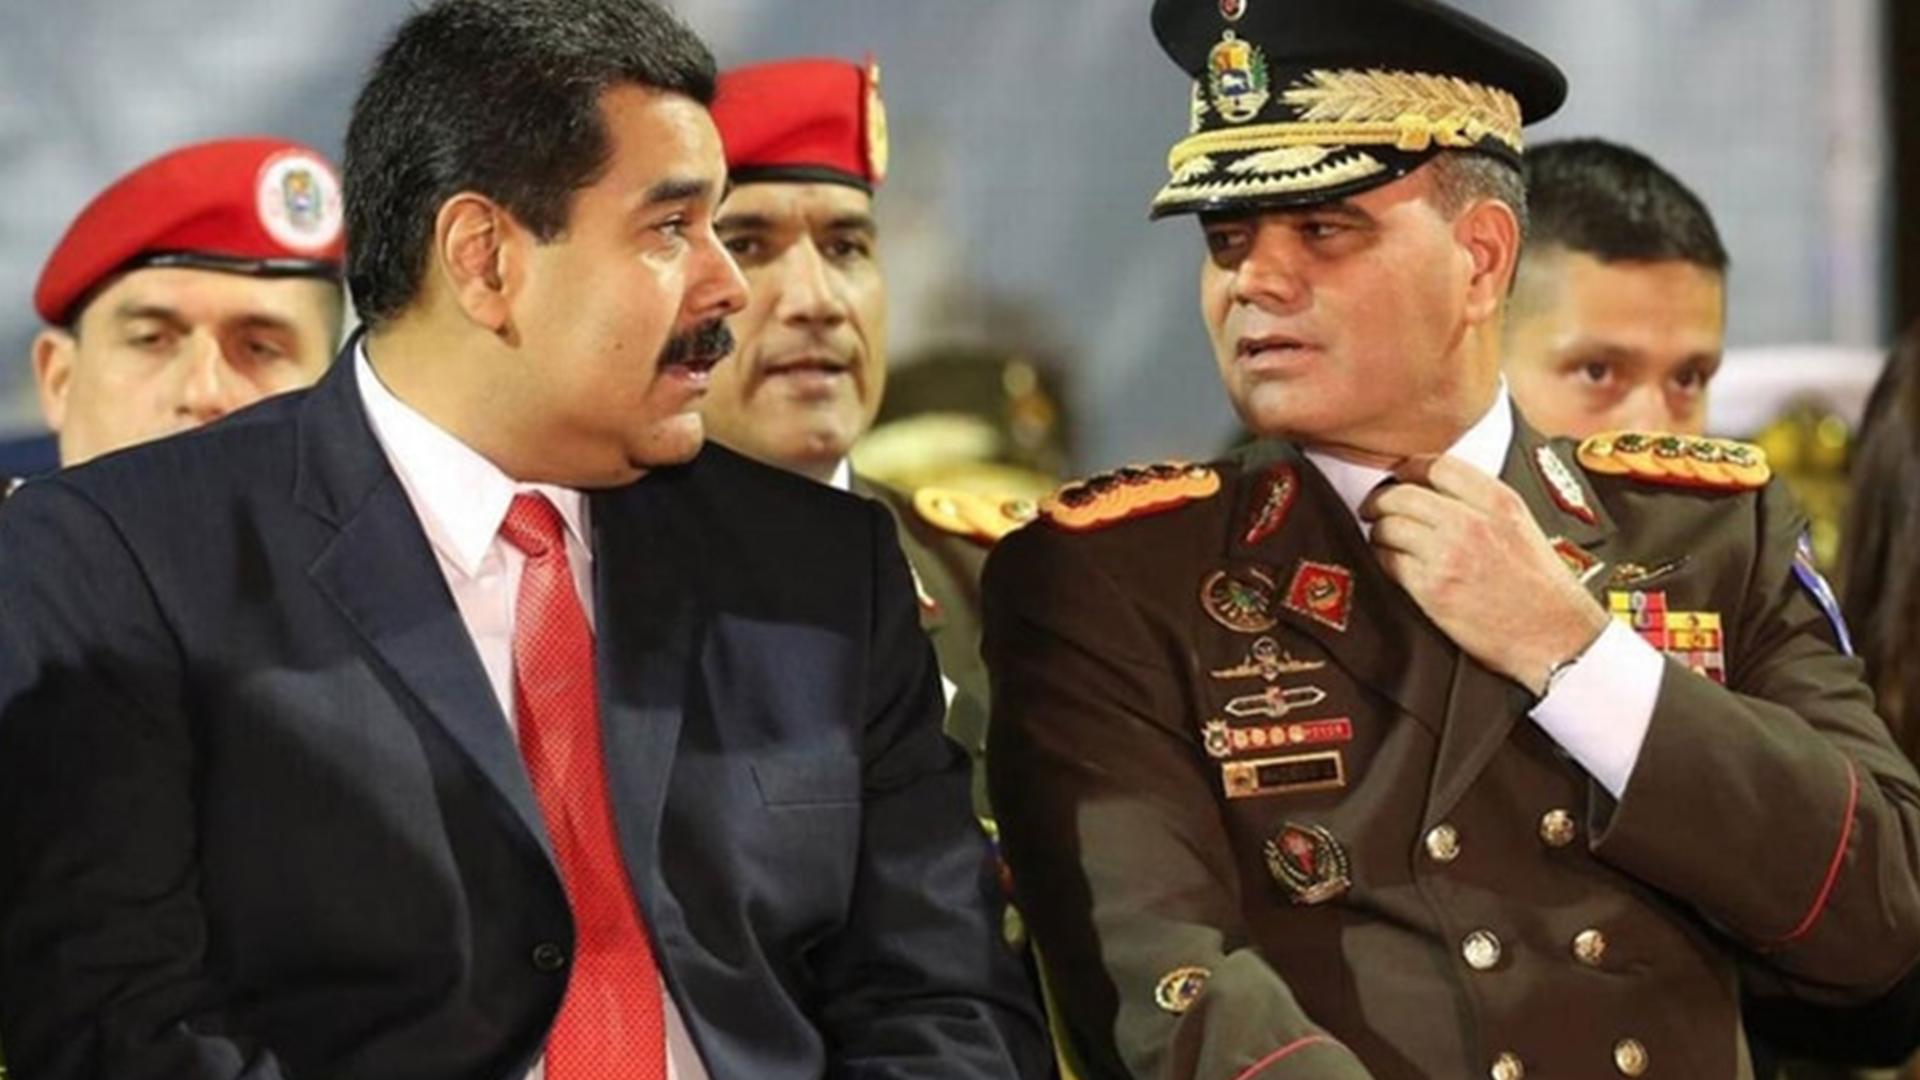 Acceso a la Justicia | COVID-19 en Venezuela: la excusa perfecta para reforzar el control policial y militar de Maduro